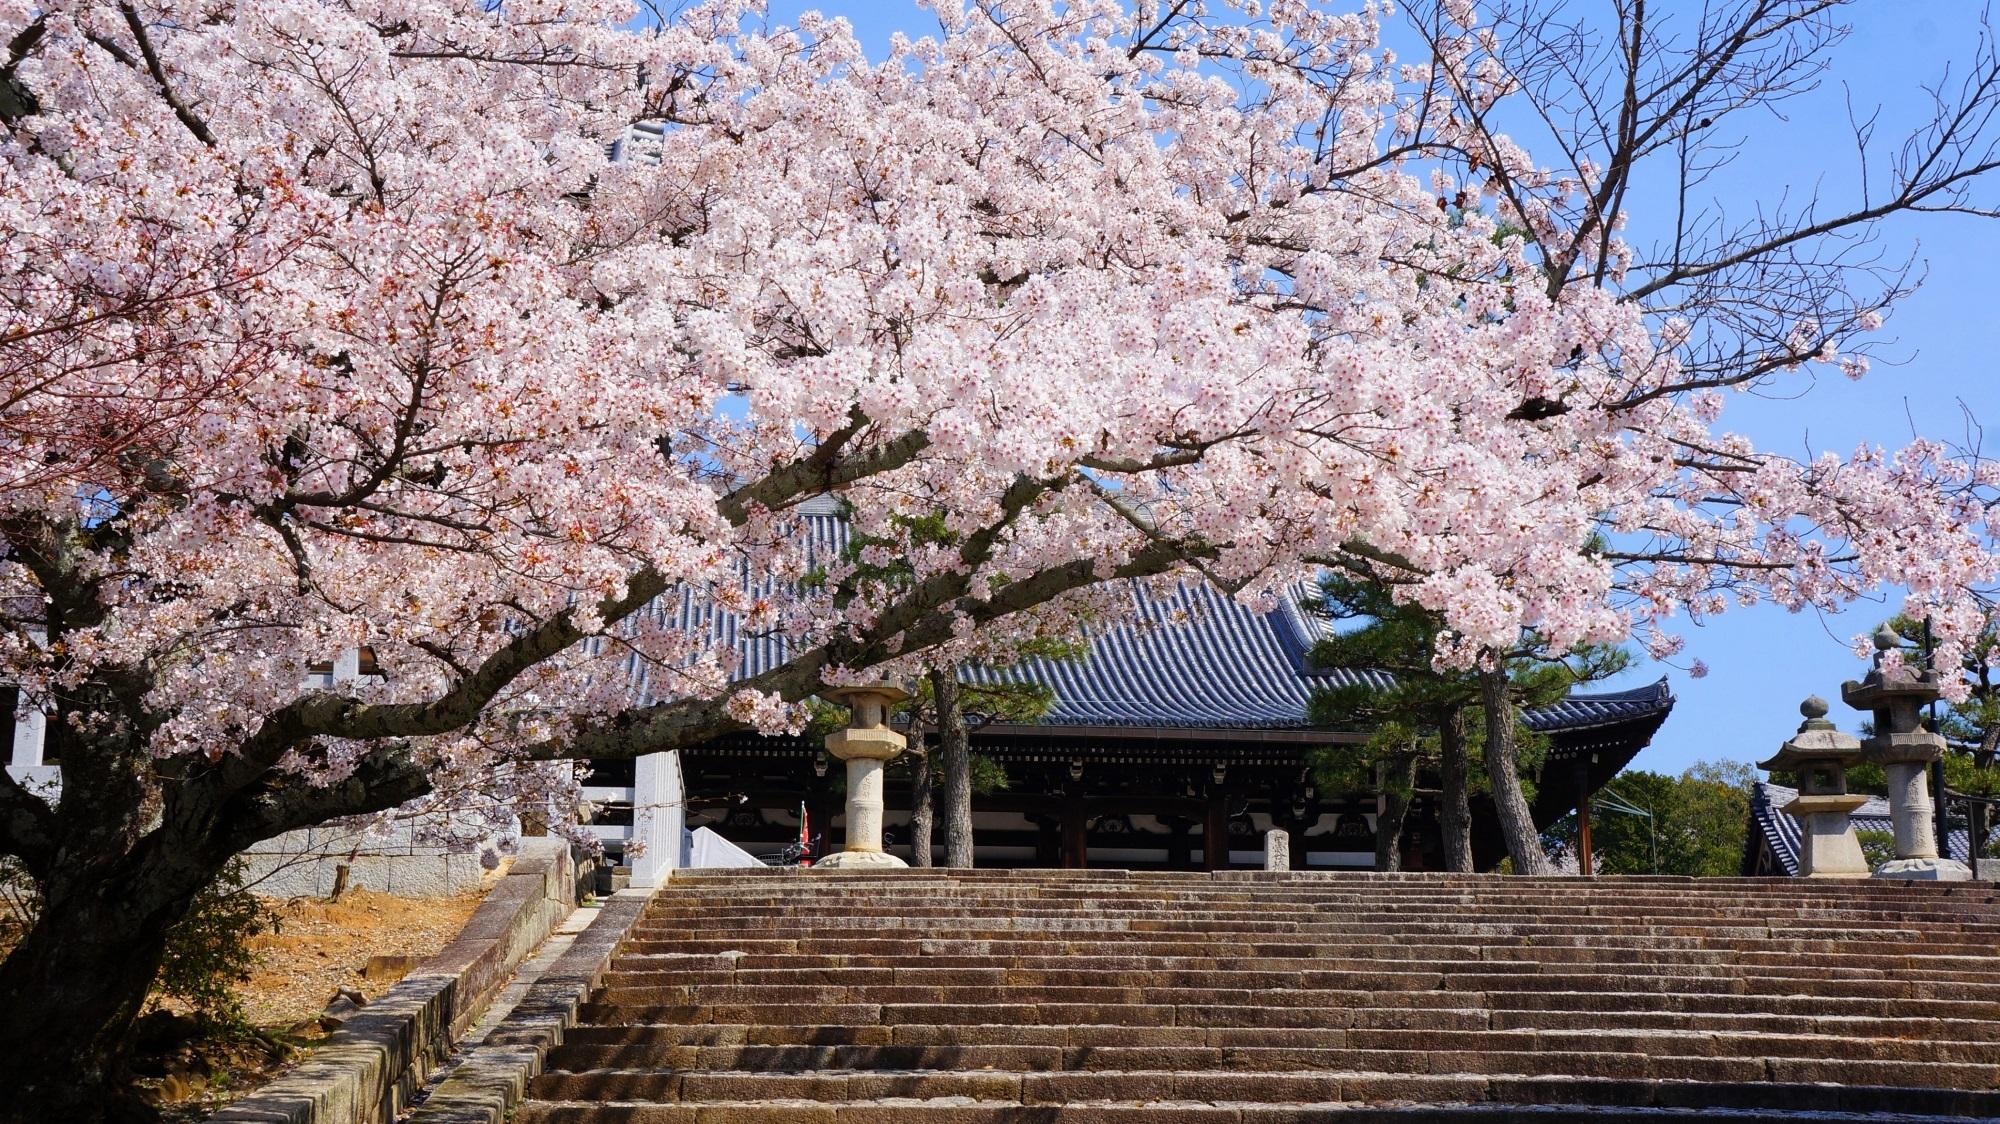 金戒光明寺 桜 絵になる時代劇風の豪快な桜